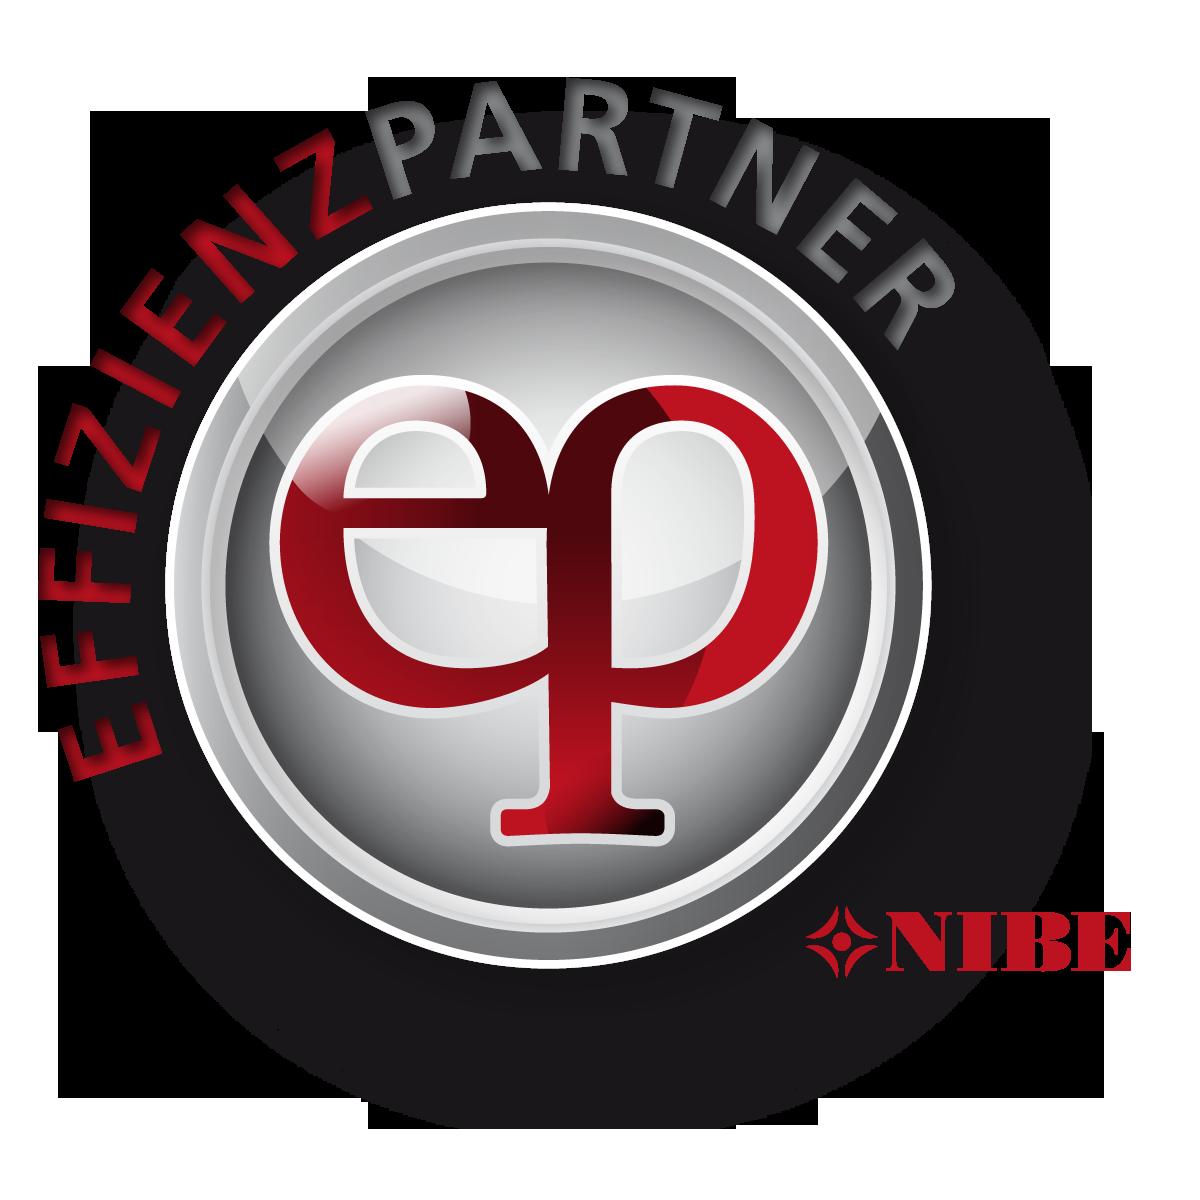 NIBE_EP_Partner